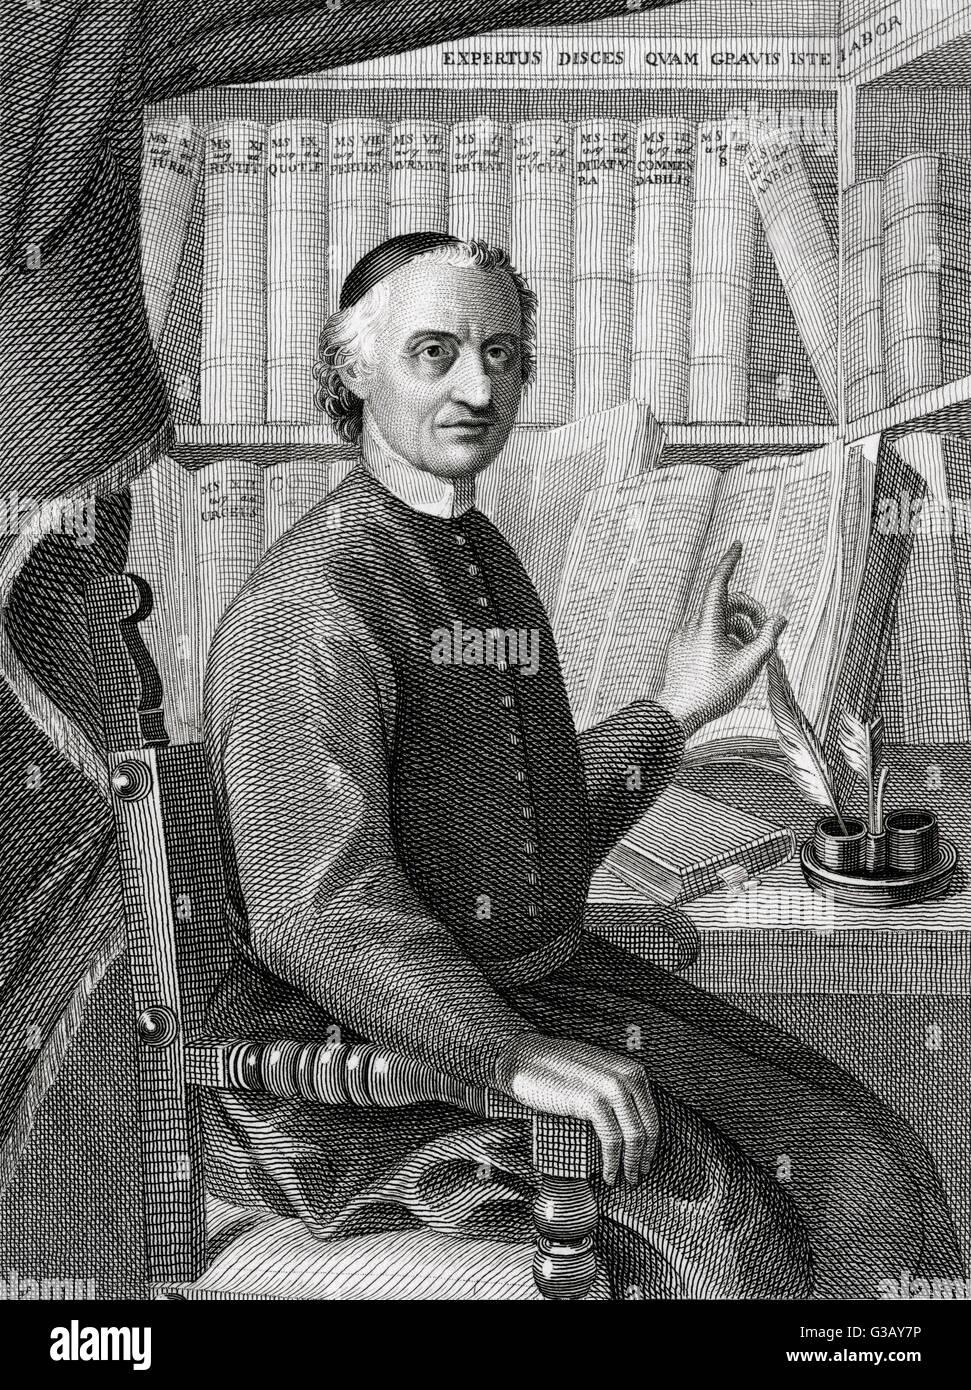 EGIDIO FORCELLINI lessicografo Italiano e filologo data: 1688 - 1768 Immagini Stock